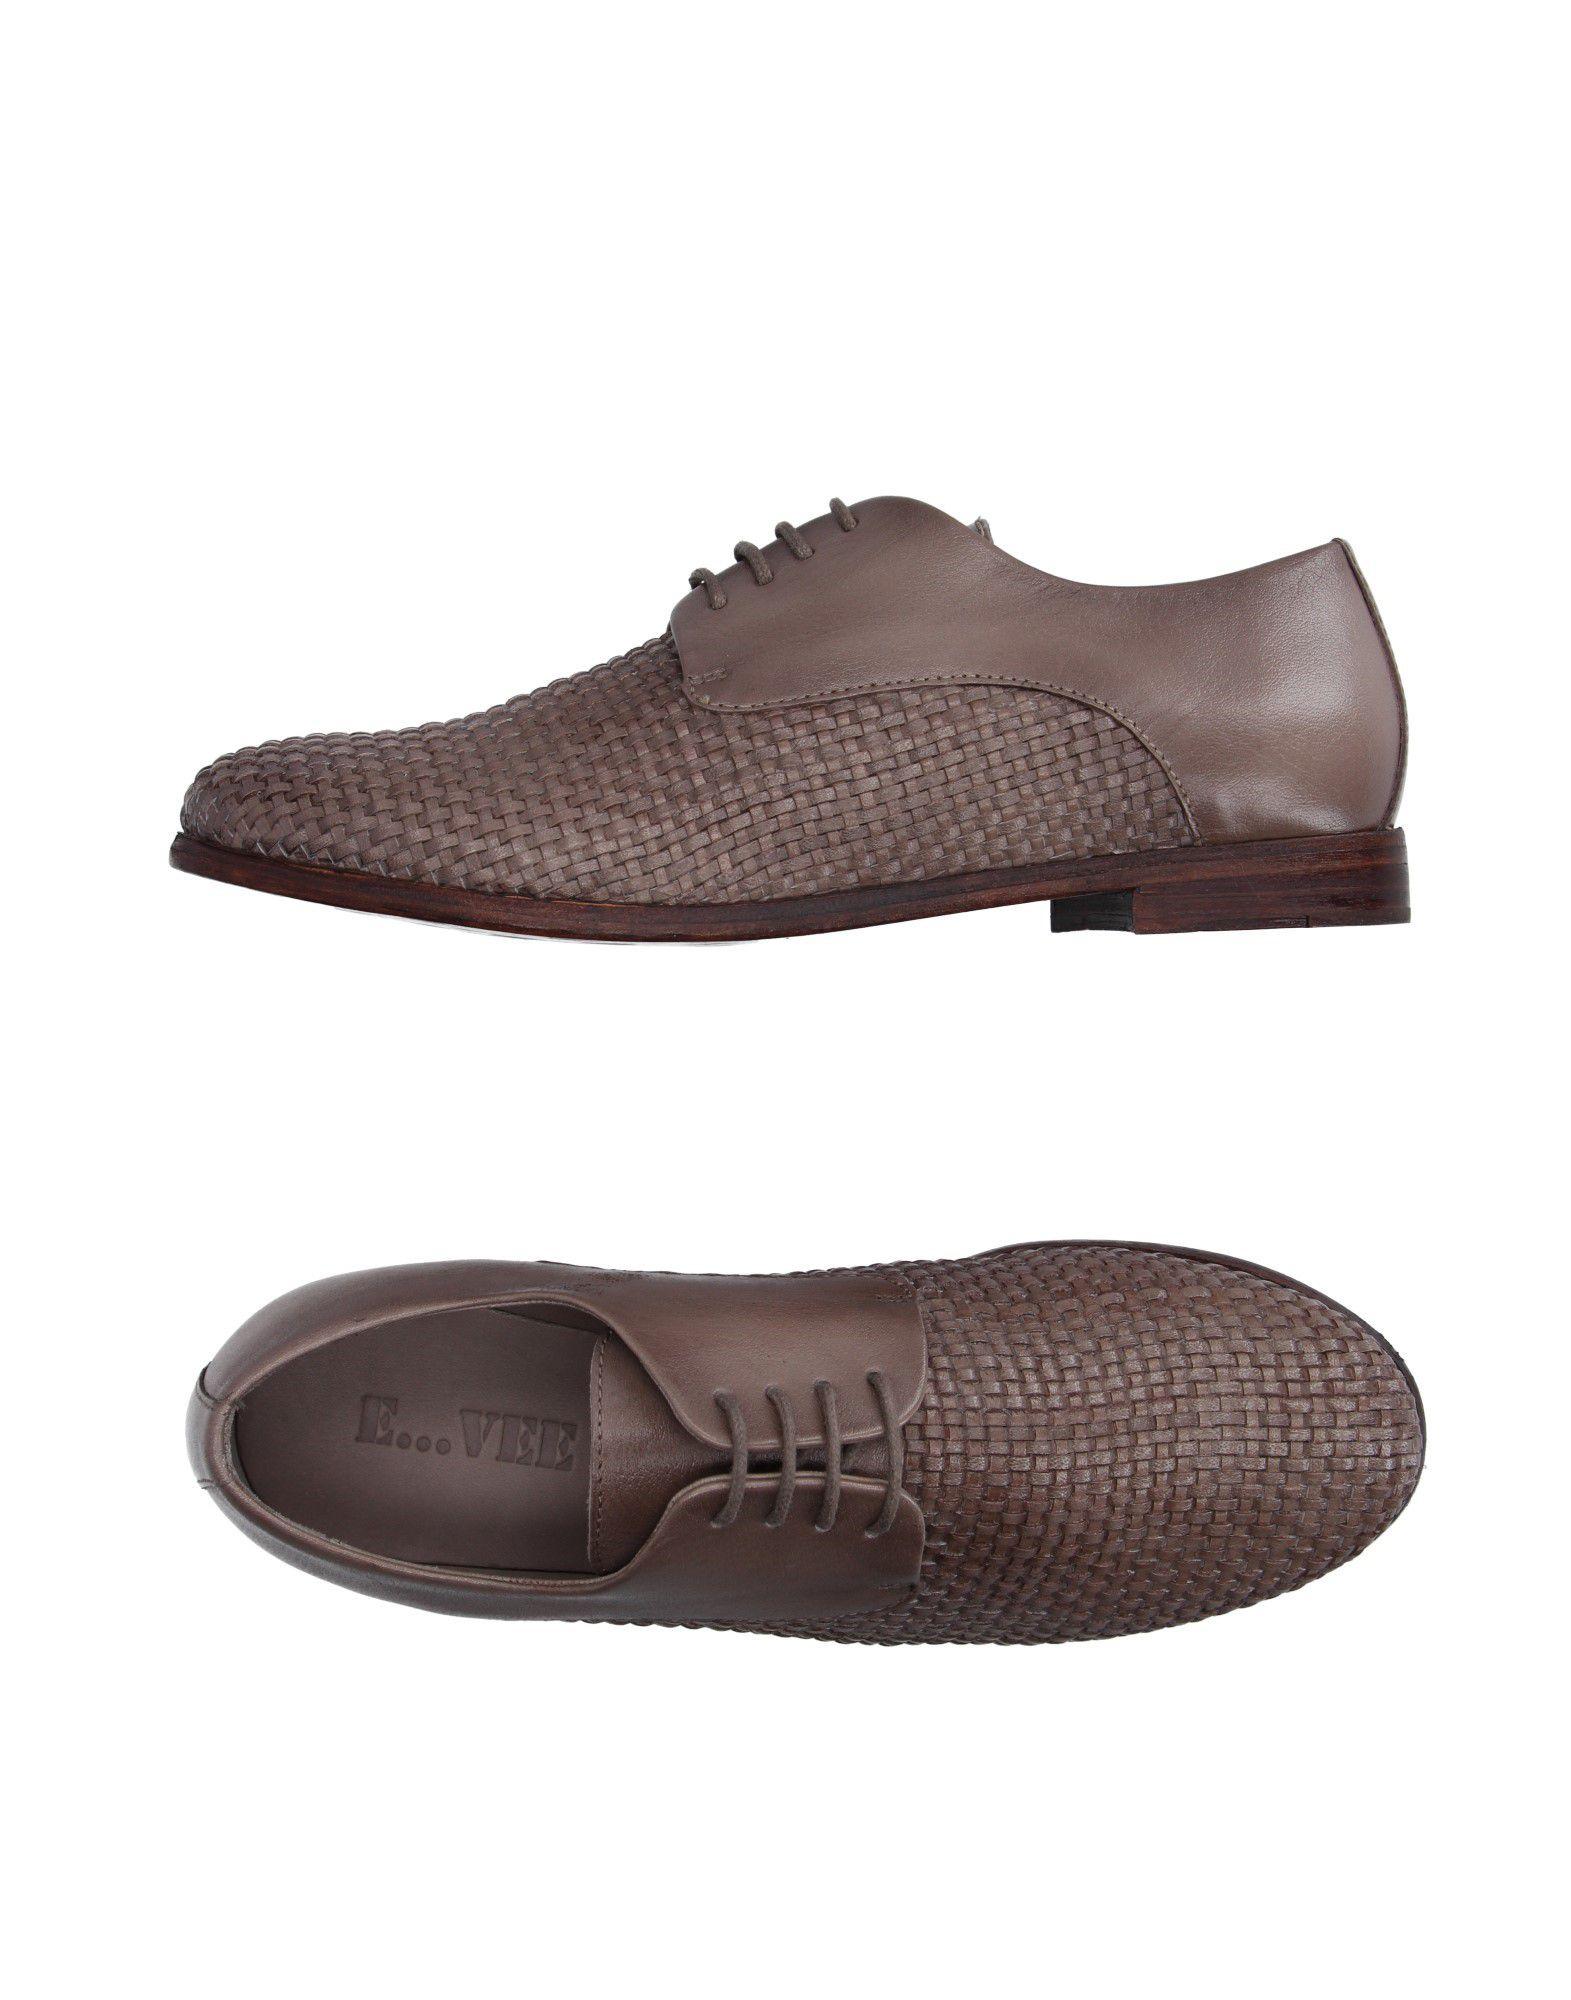 E...Vee Schnürschuhe Damen  11119709VB Gute Qualität beliebte Schuhe